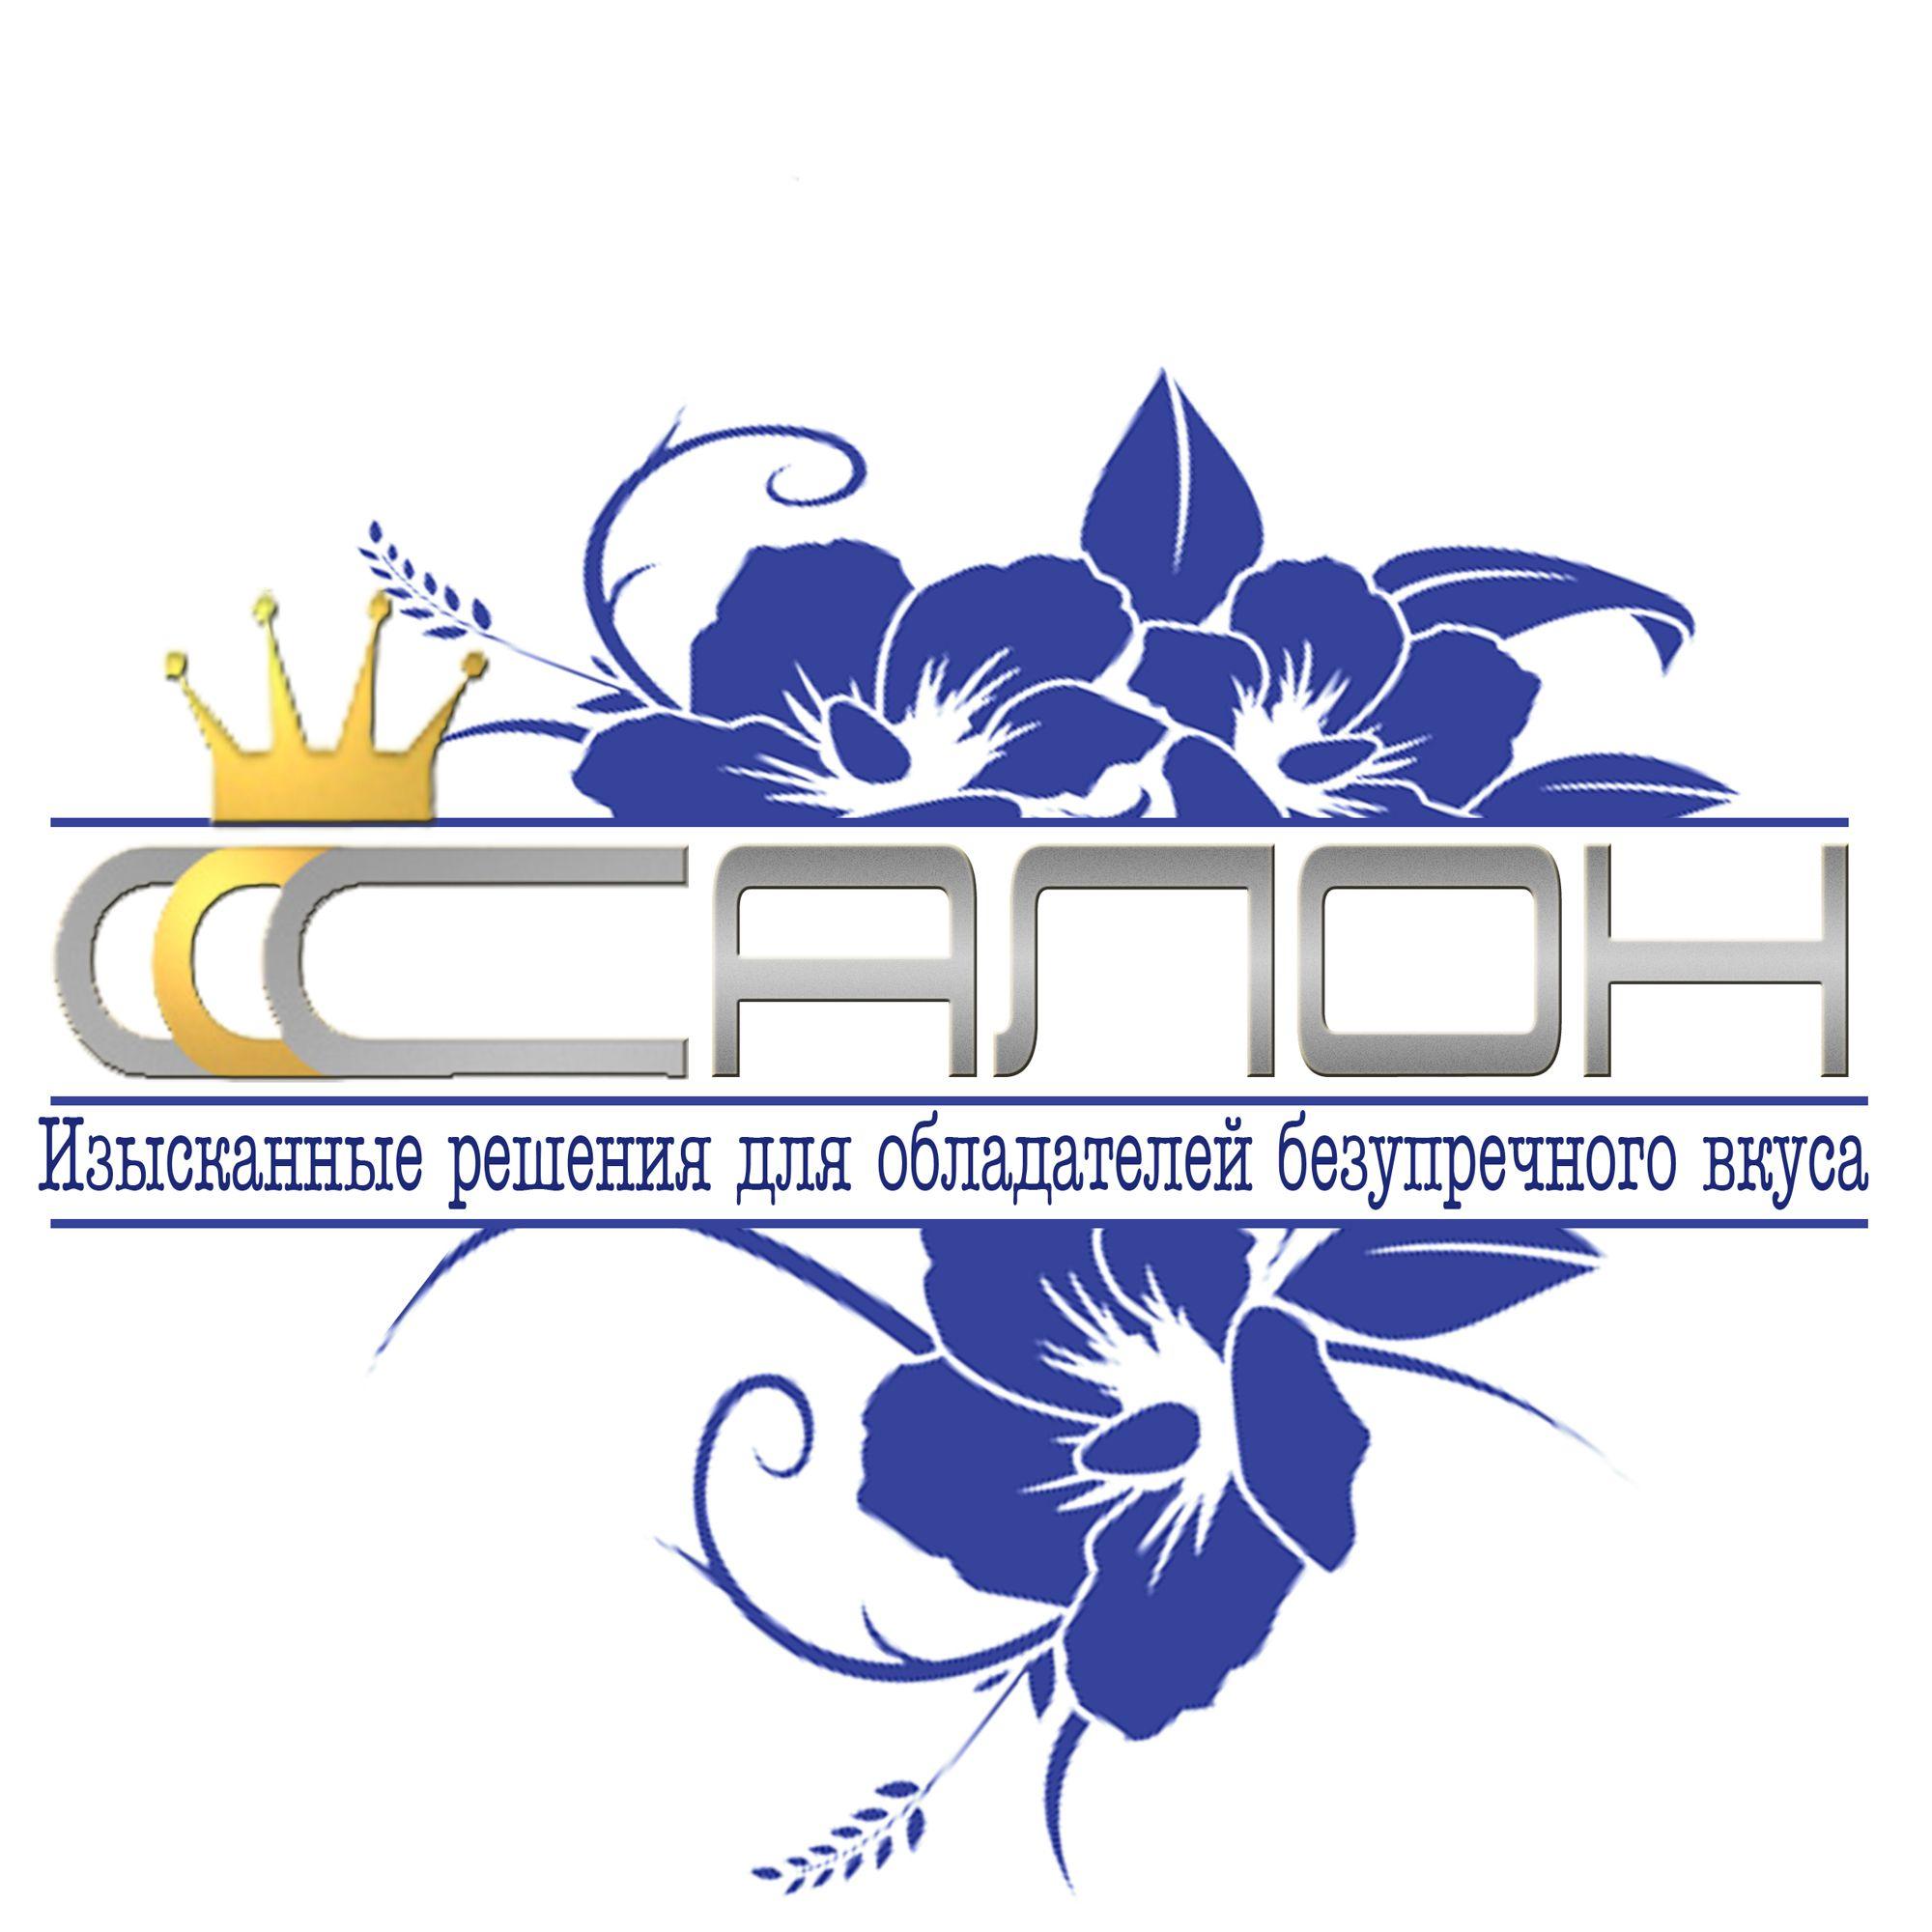 Логотип и фирм. стиль цветочного салона - дизайнер atmannn